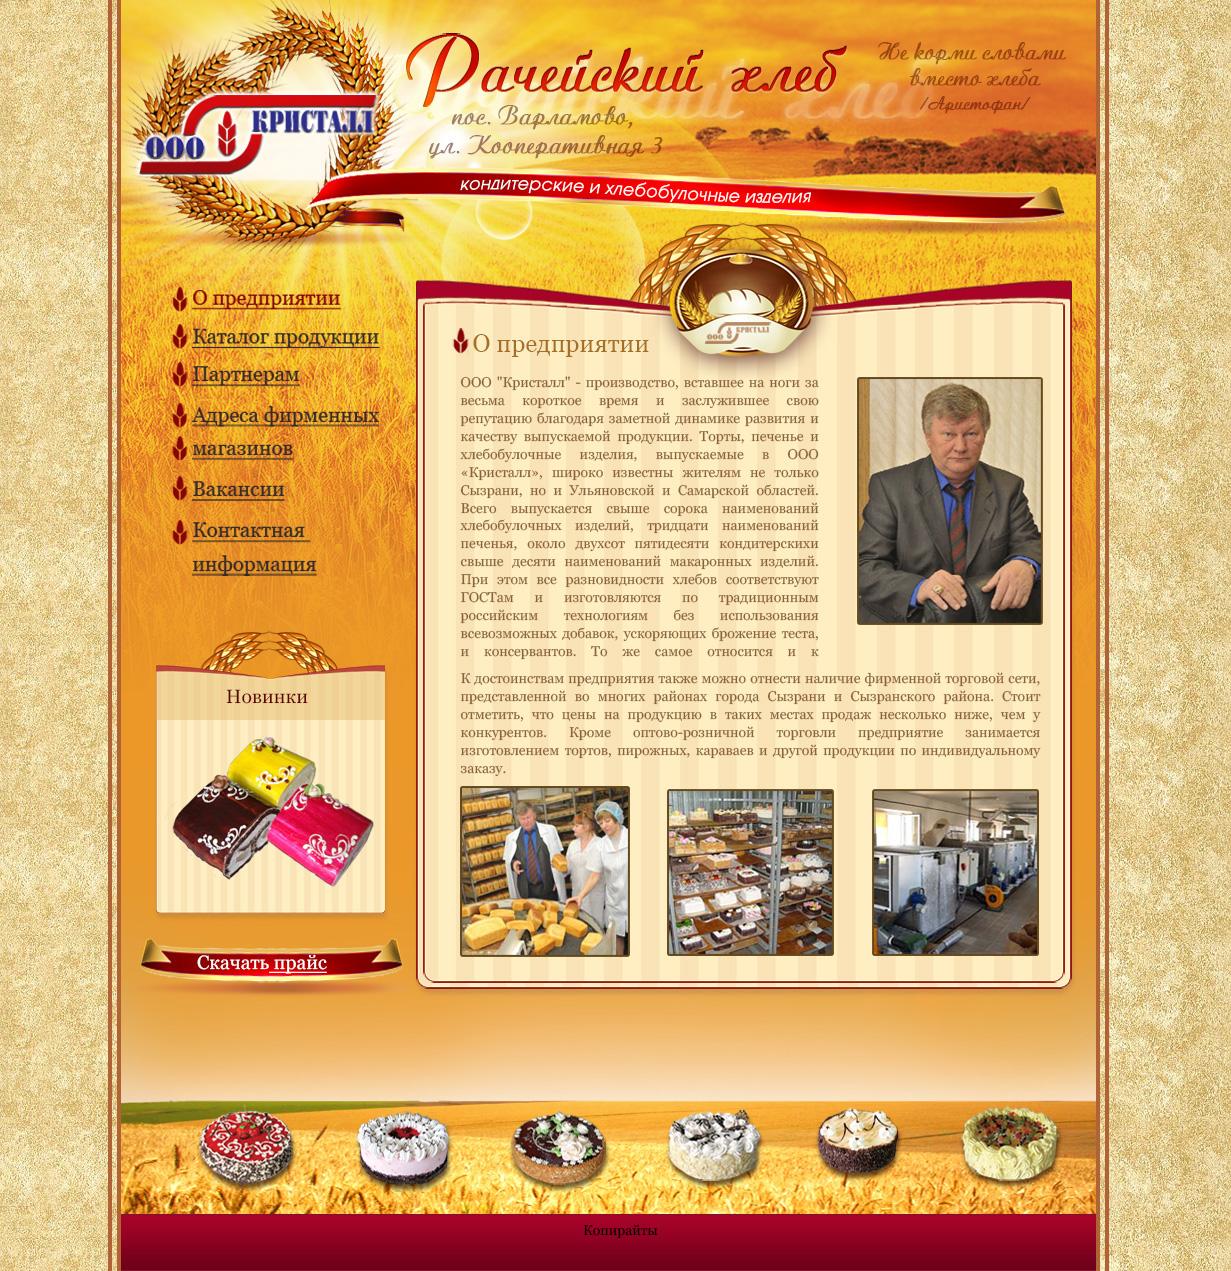 Дизайн сайта Рачейский хлеб